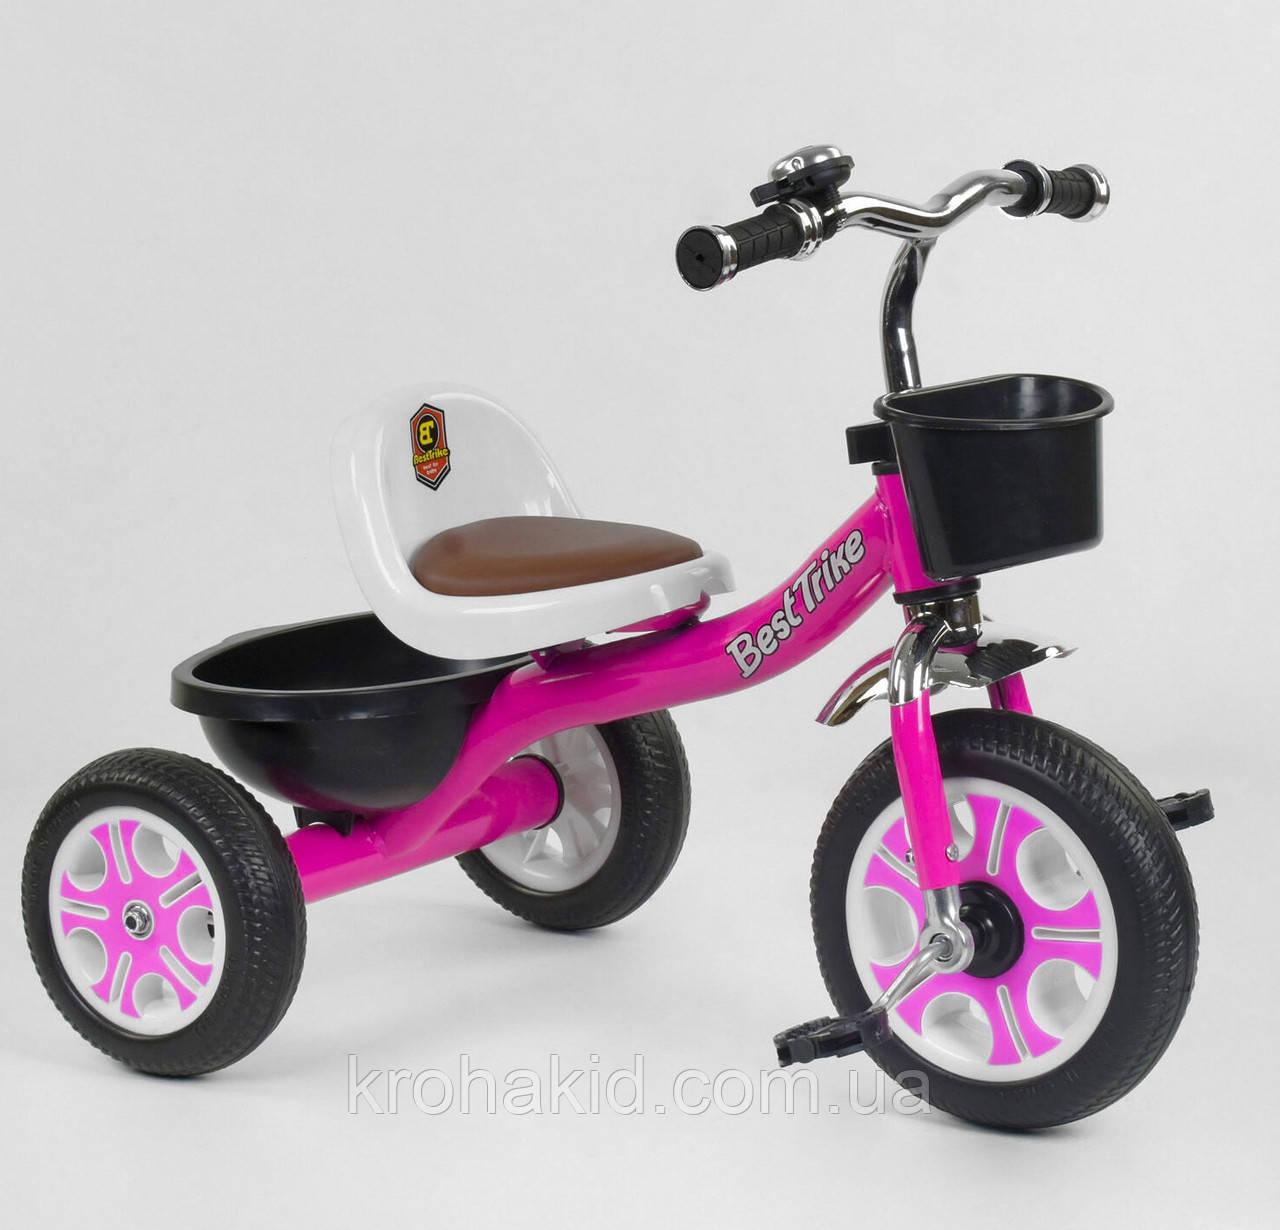 """Велосипед 3-х колёсный LM-2806 """"Best Trike"""", пено колесо, переднее d=26см, заднее d=20см, звоночек, 2 корзины,"""